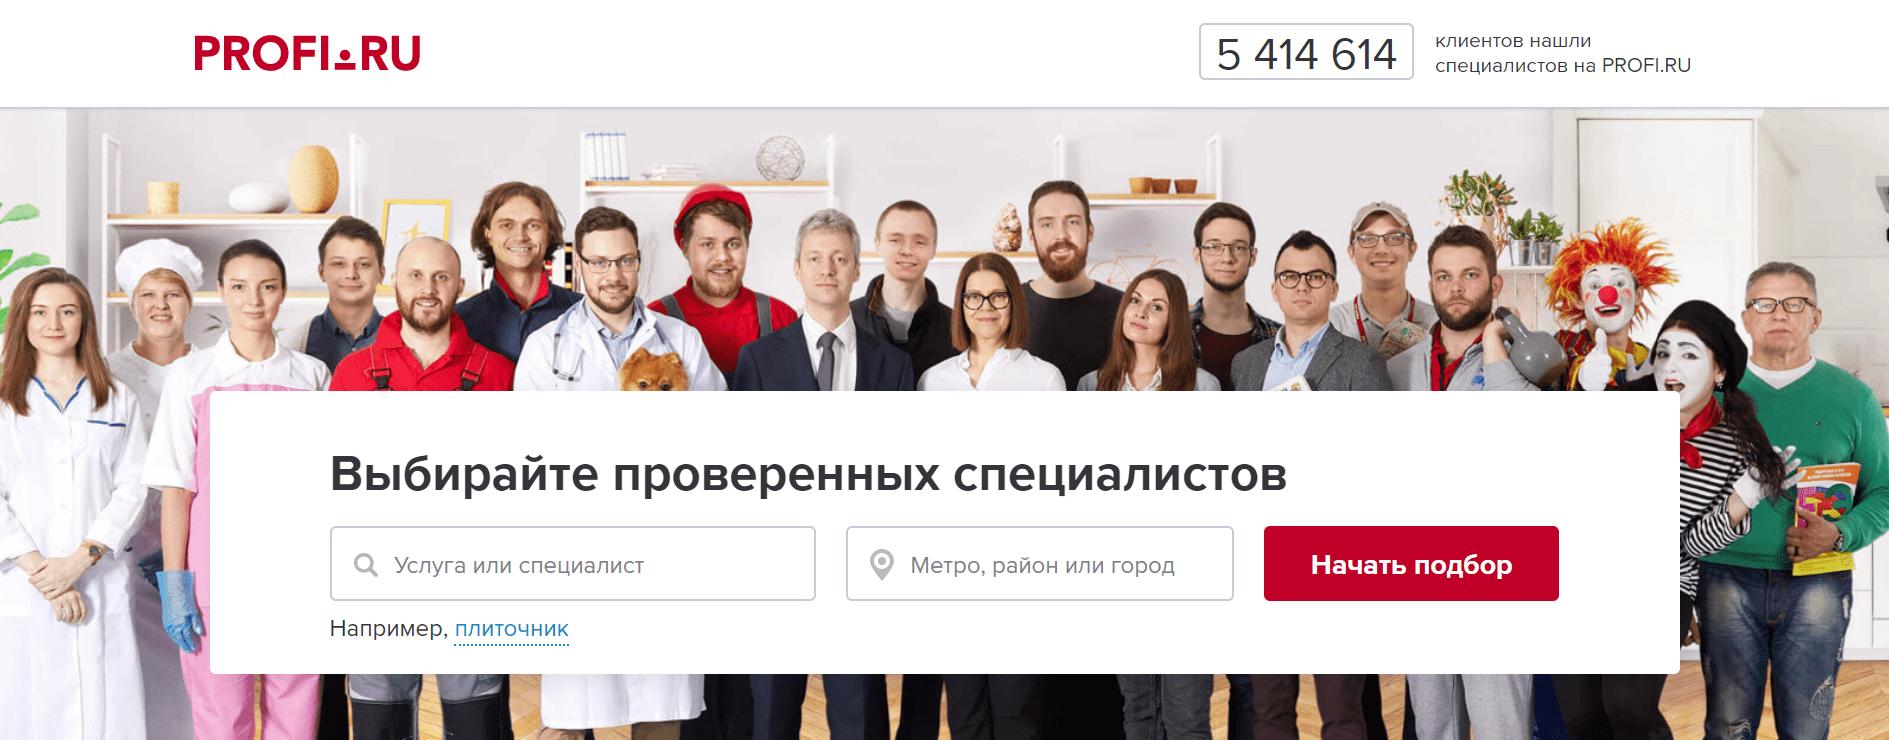 Онлайн-репетитор Profi.ru